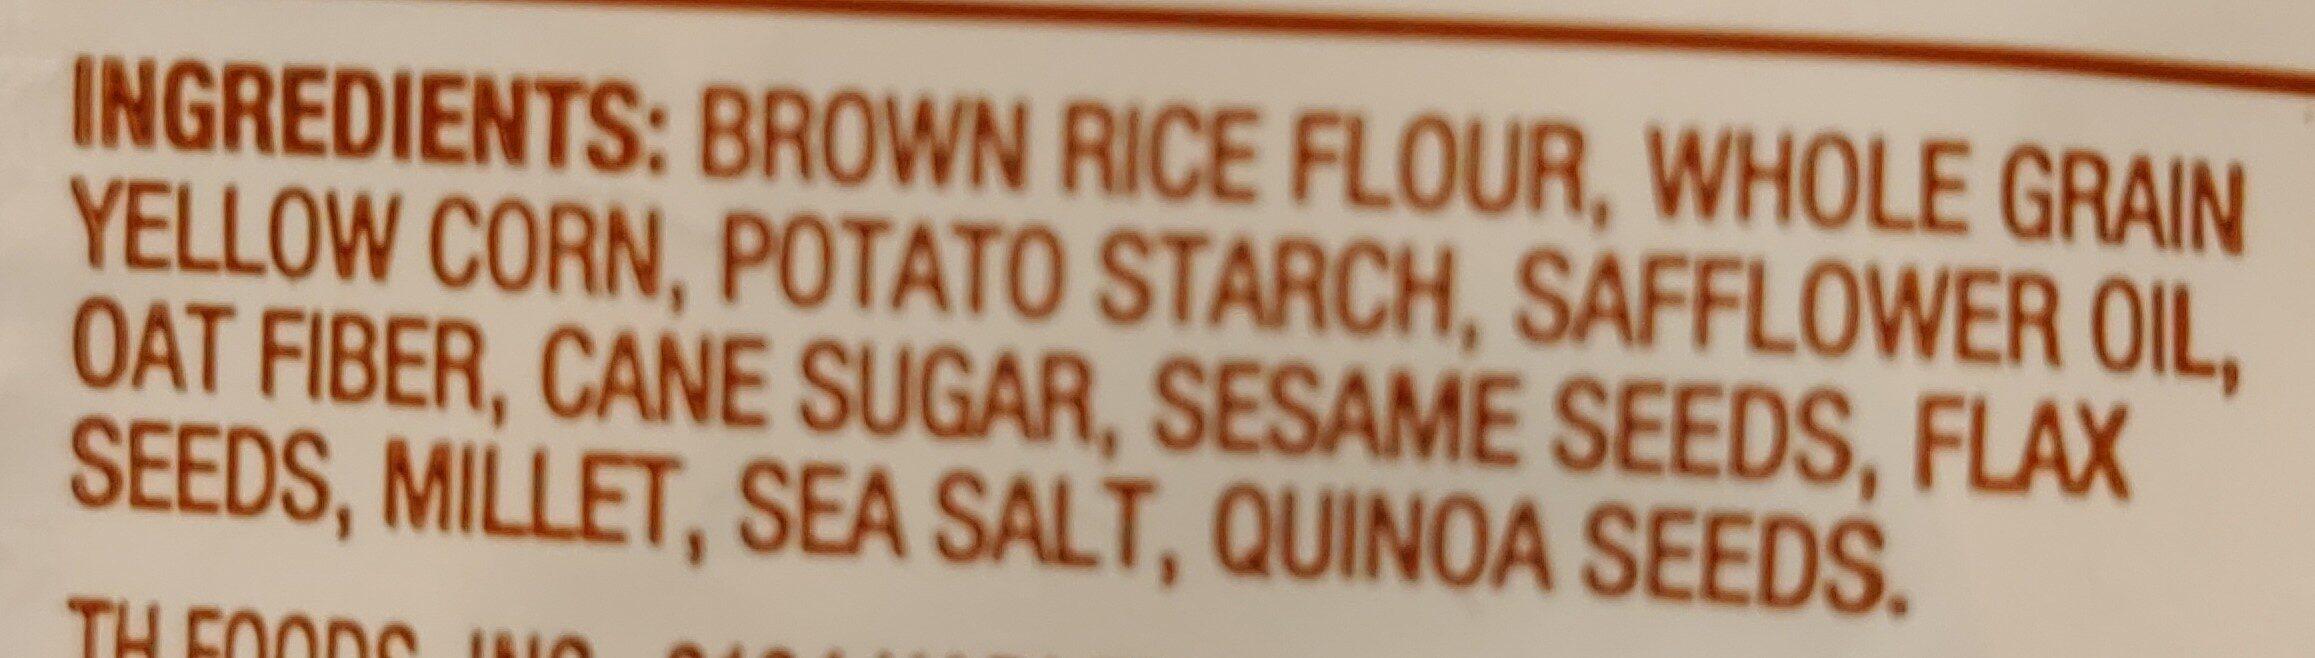 Multi-Grain, Crunchmaster - Ingredients - en